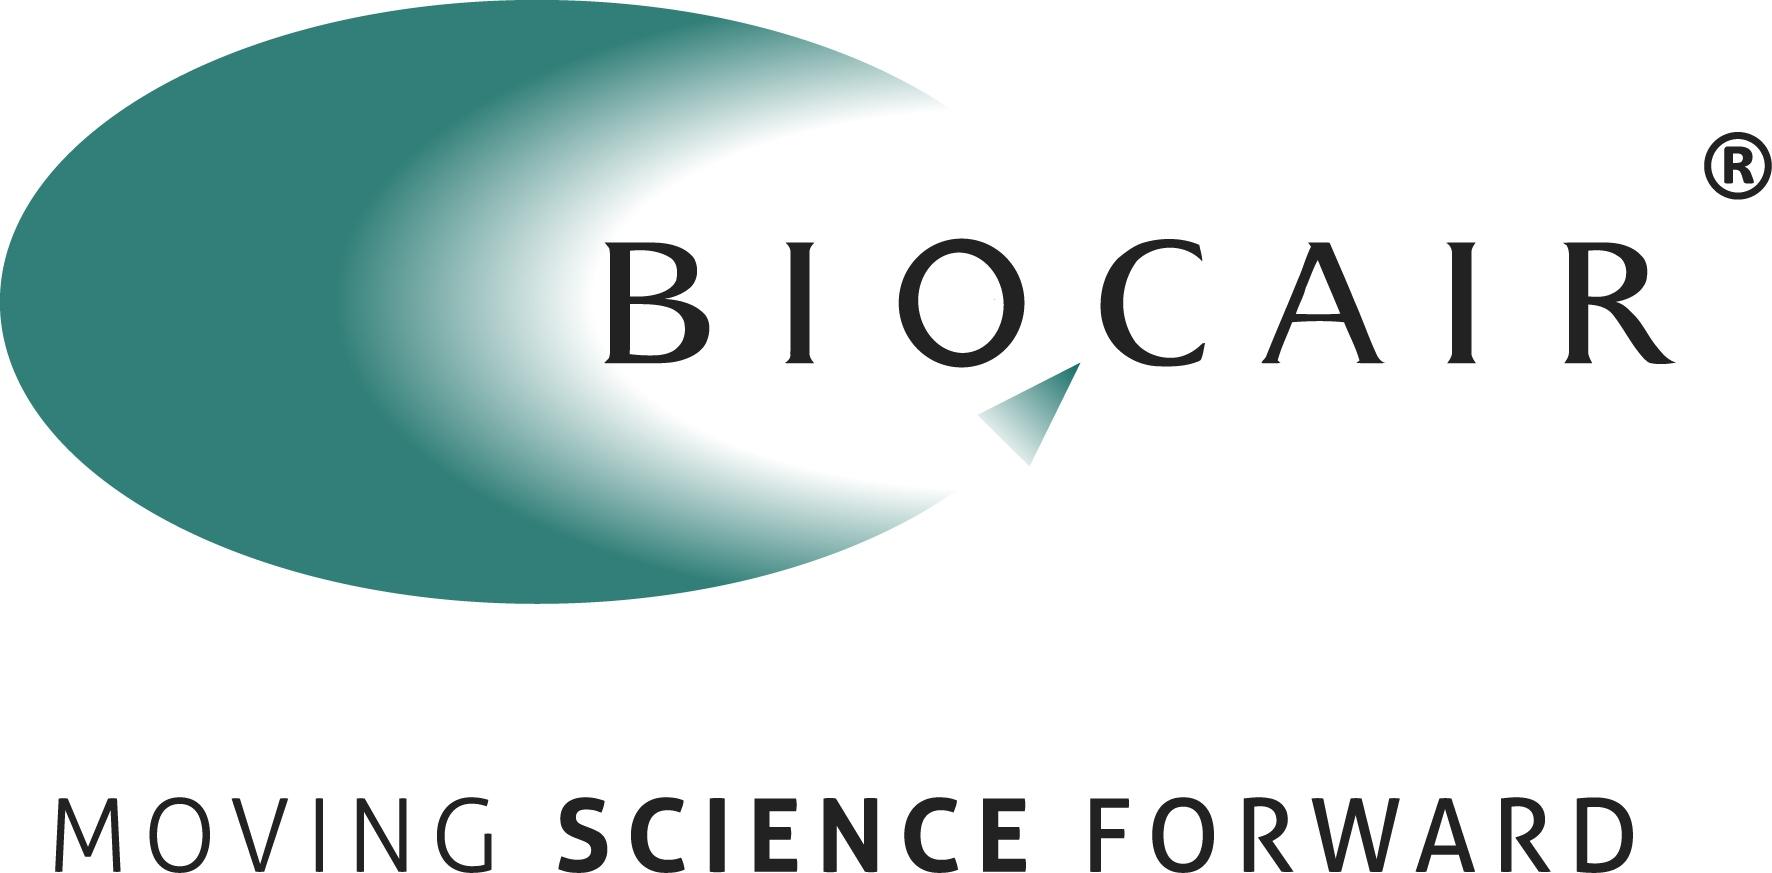 Biocair